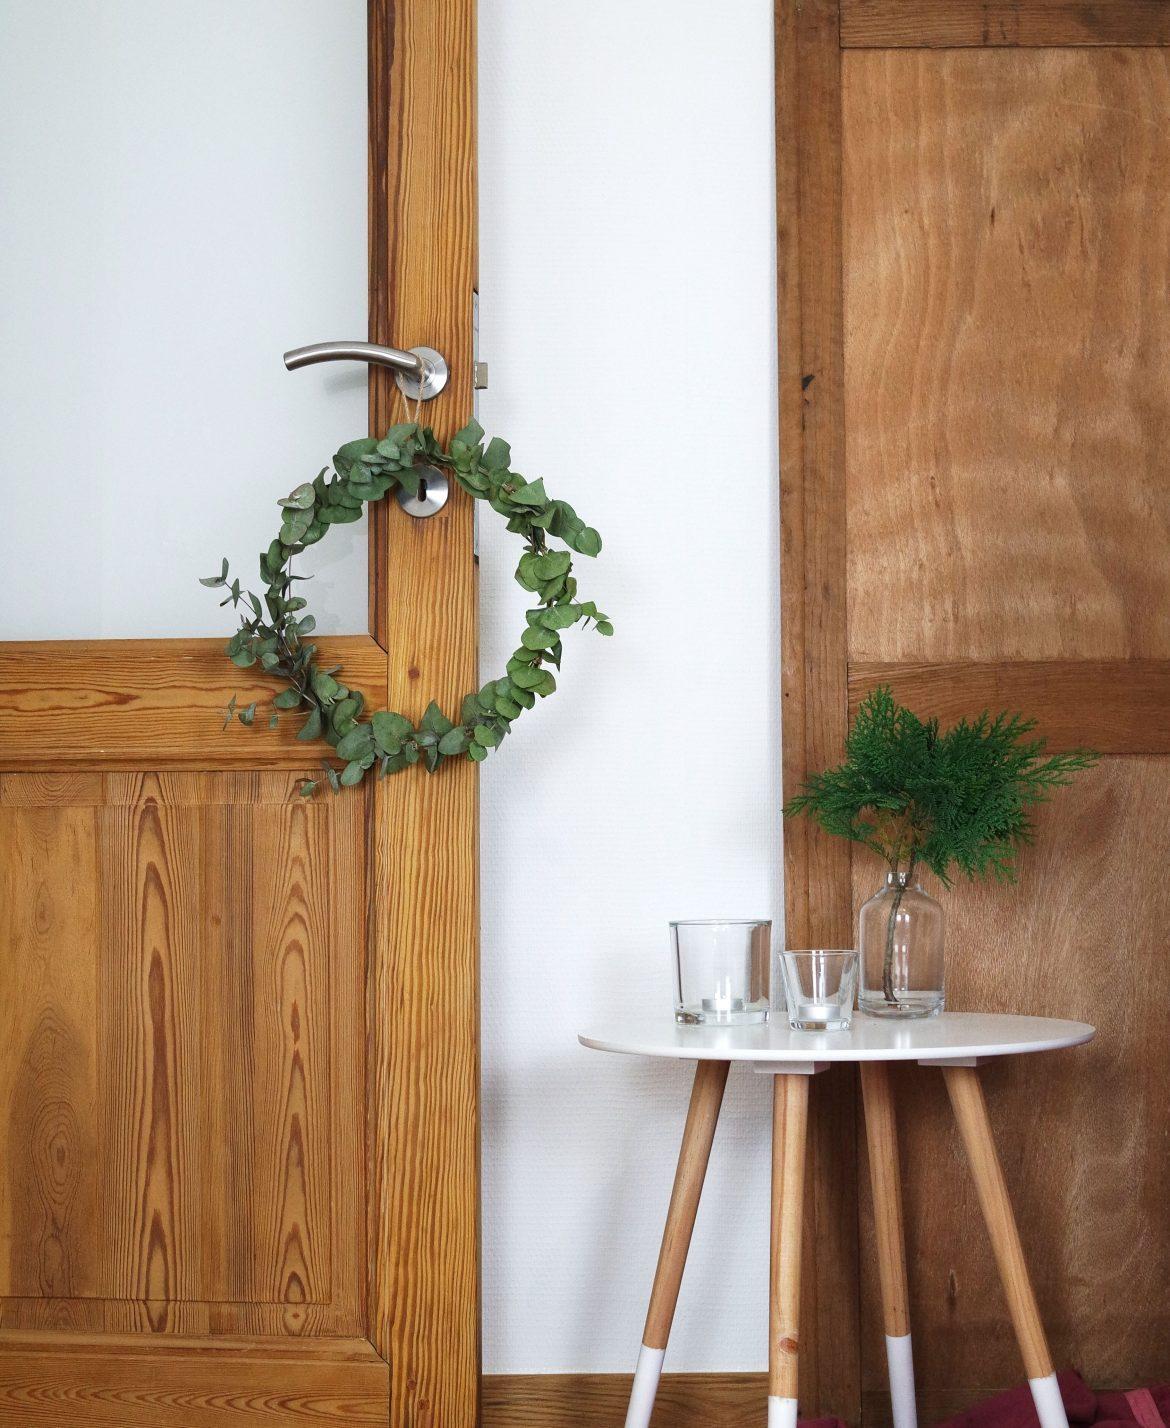 couronne de noël eucalyptus déco simple verte minimaliste intérieur bois - blog déco - clem around the corner